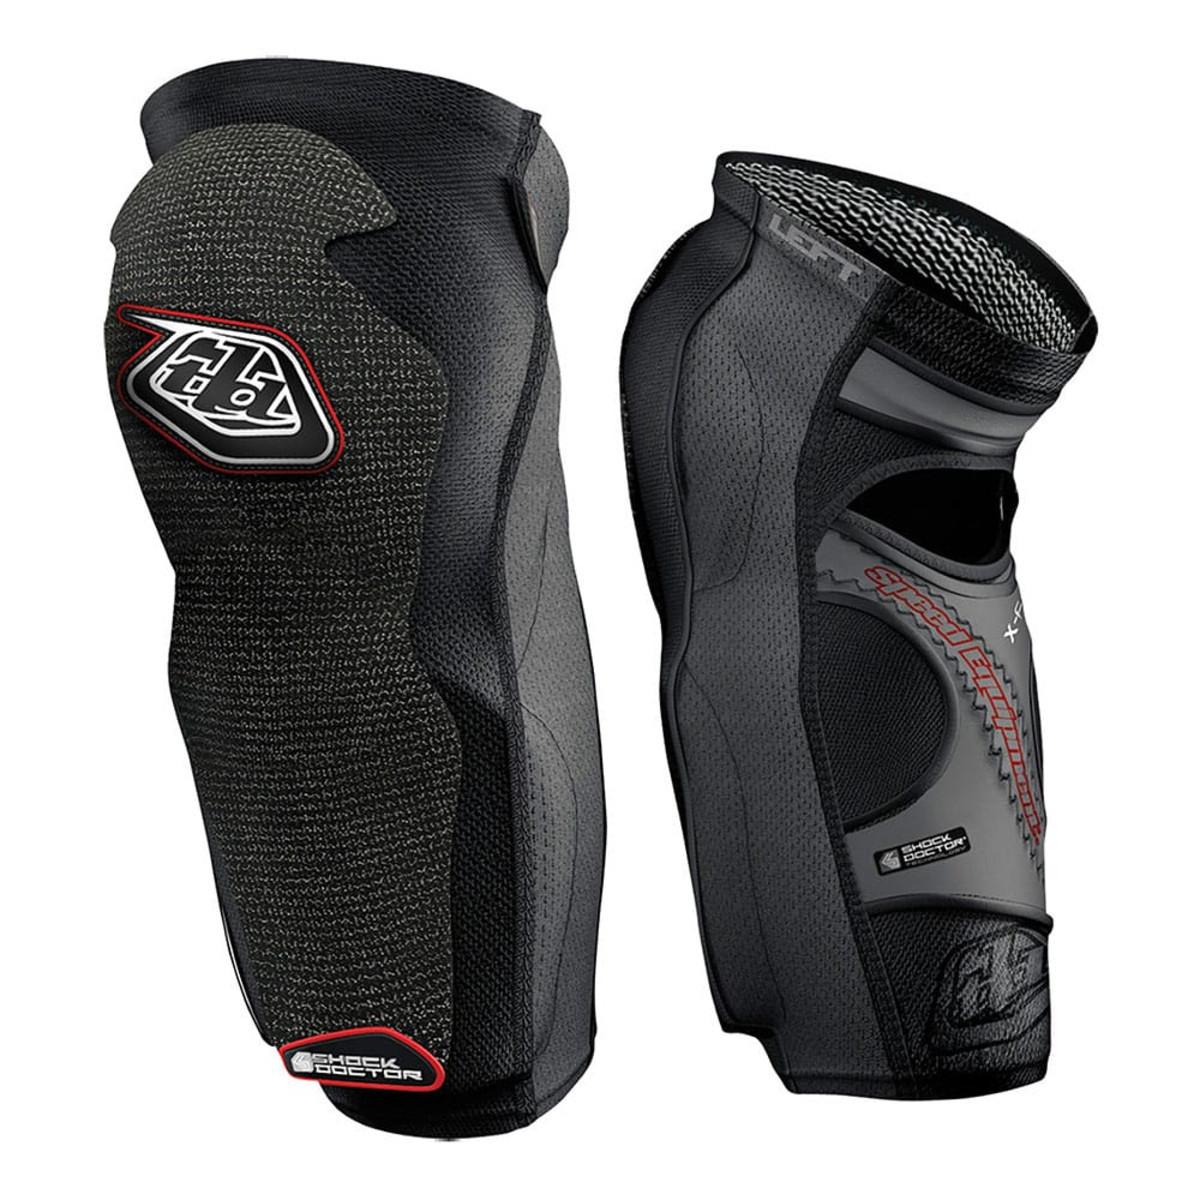 Защита колена/голени TLD KGL5450 Knee/Shin Guards размер XS